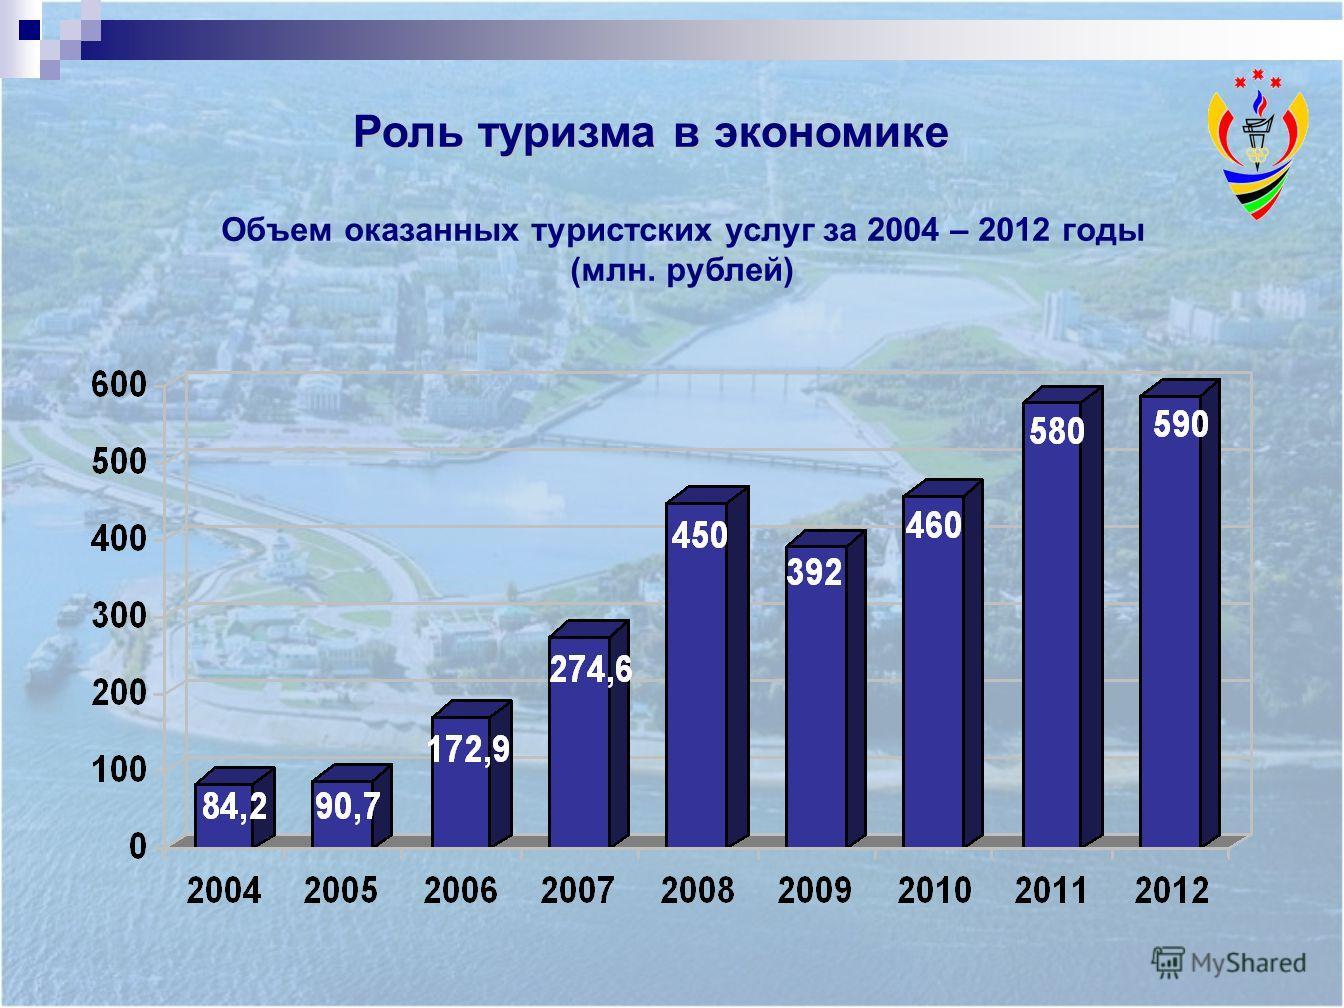 Роль туризма в экономике Объем оказанных туристских услуг за 2004 – 2012 годы (млн. рублей)